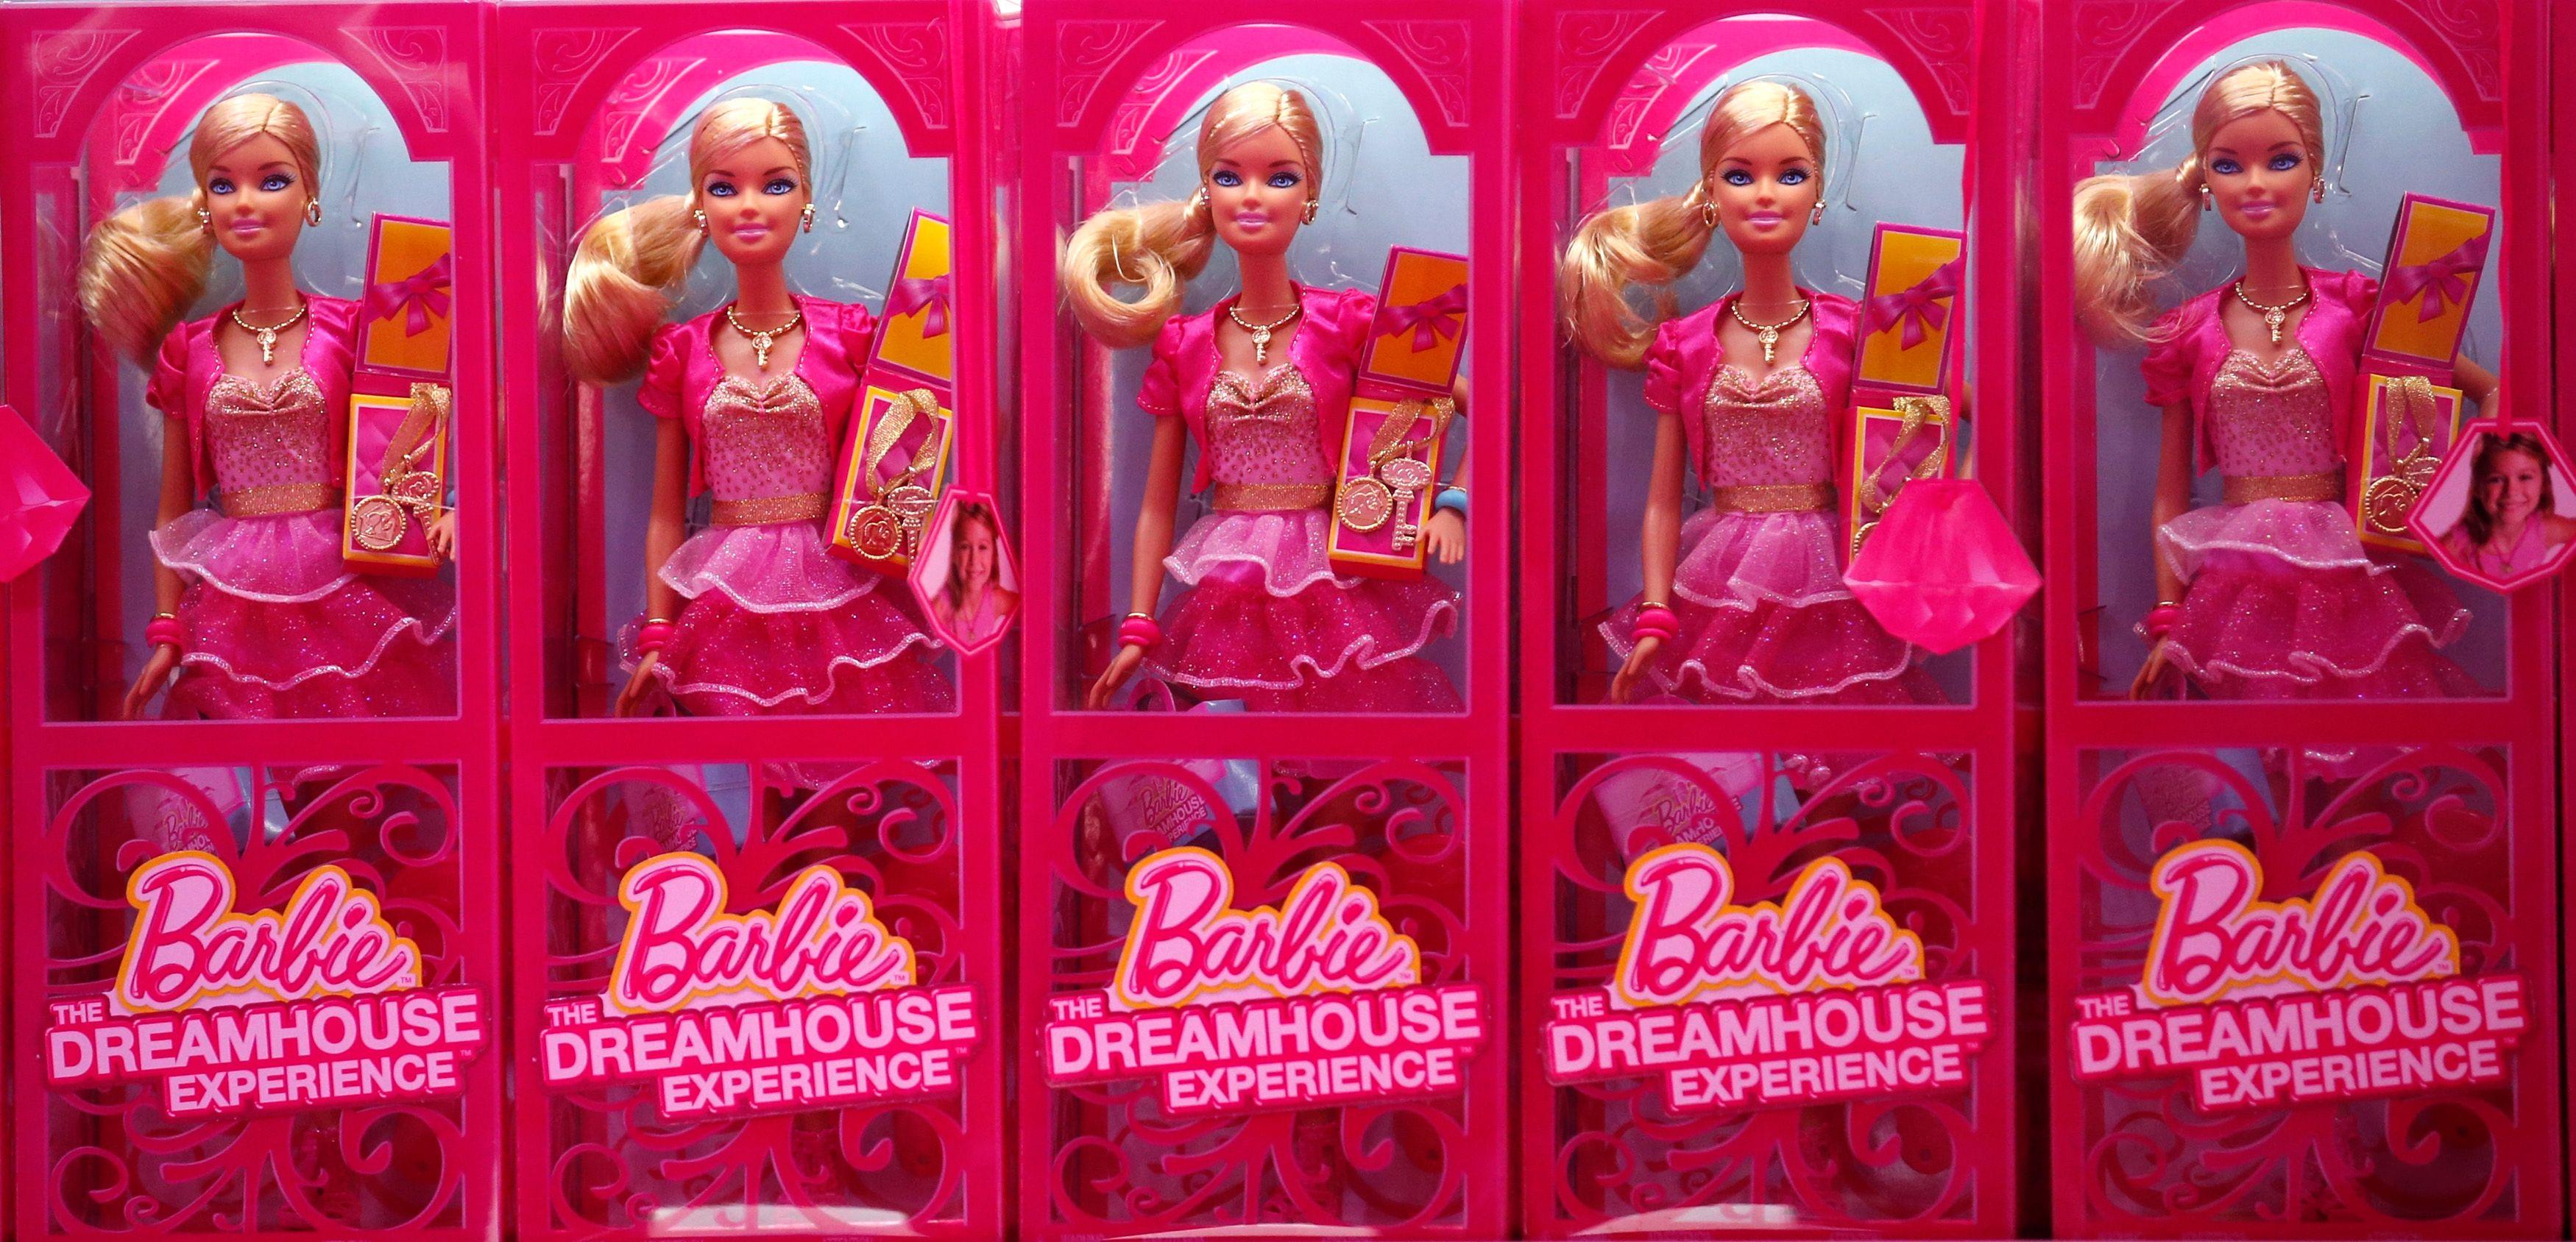 Le physique de Barbie demeure une caricature.